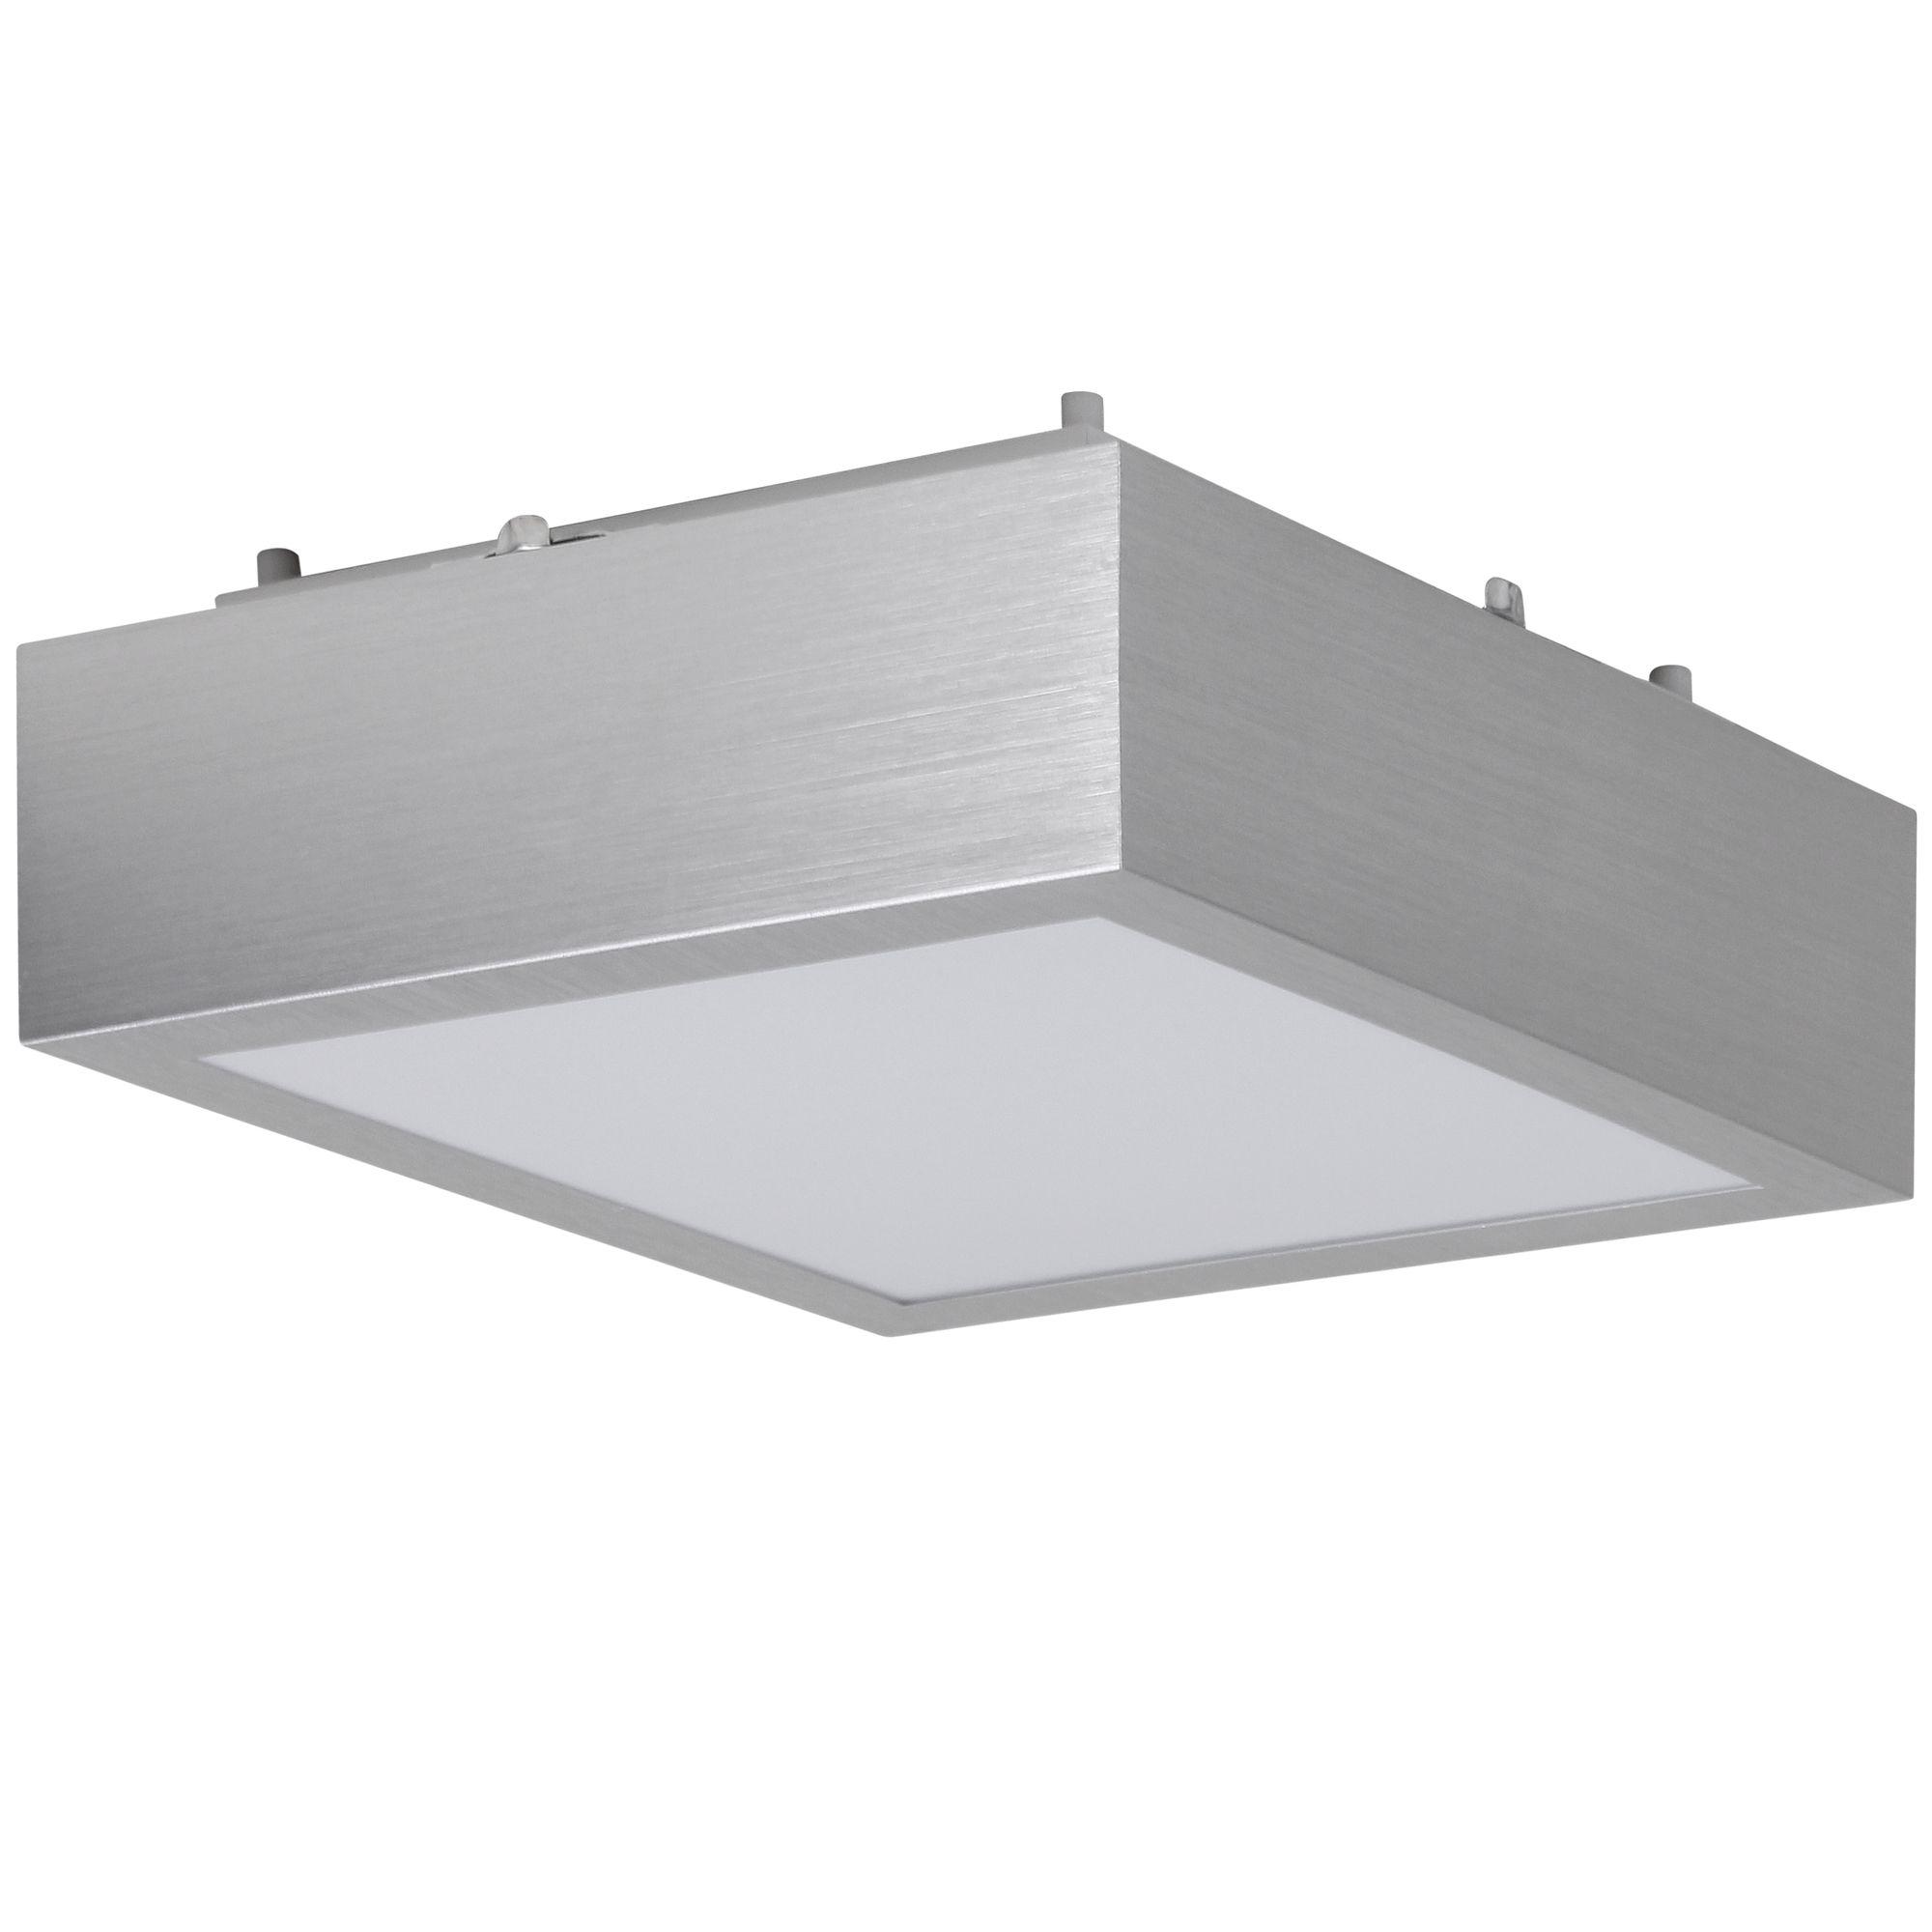 Full Size of Wohnzimmer Deckenlampe Deckenleuchten Modern Deckenlampen Deckenleuchte Ikea Led Holz Mit Fernbedienung Dimmbar Teppiche Für Küche Beleuchtung Großes Bild Wohnzimmer Wohnzimmer Deckenlampe